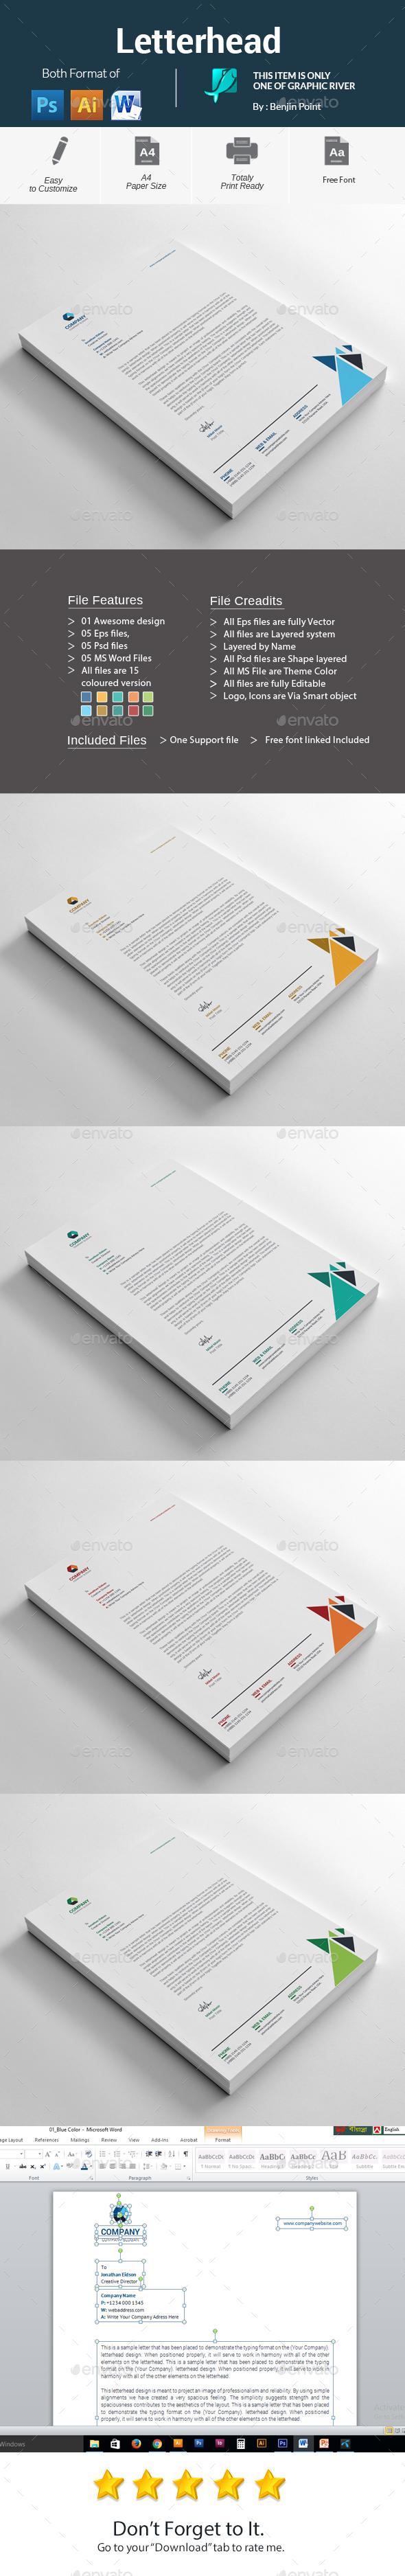 GraphicRiver Letterhead 20908091